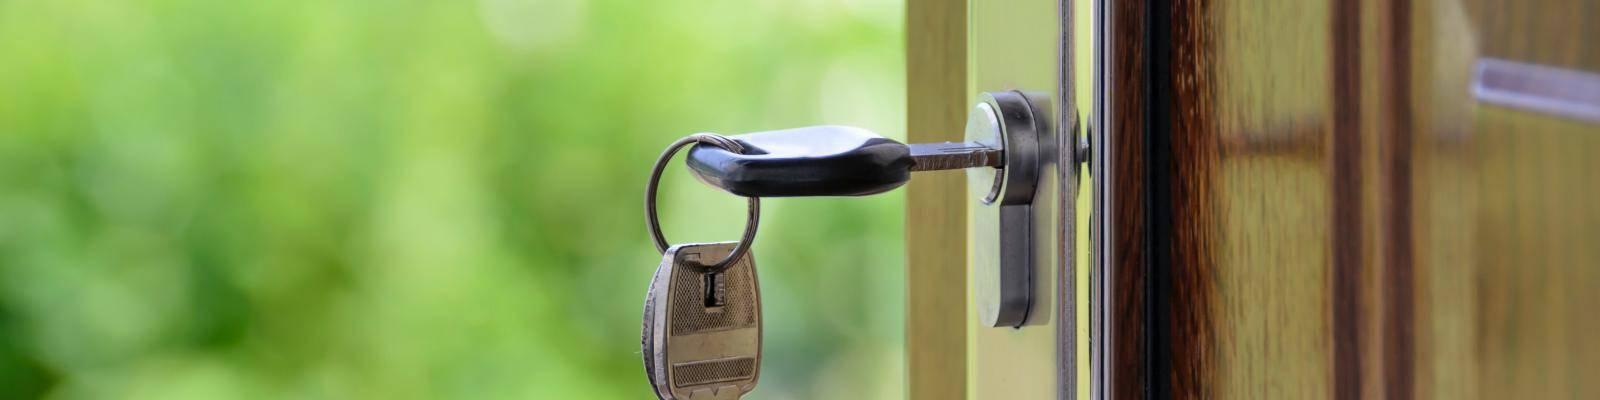 Aflossingsvrije hypotheek in 2021